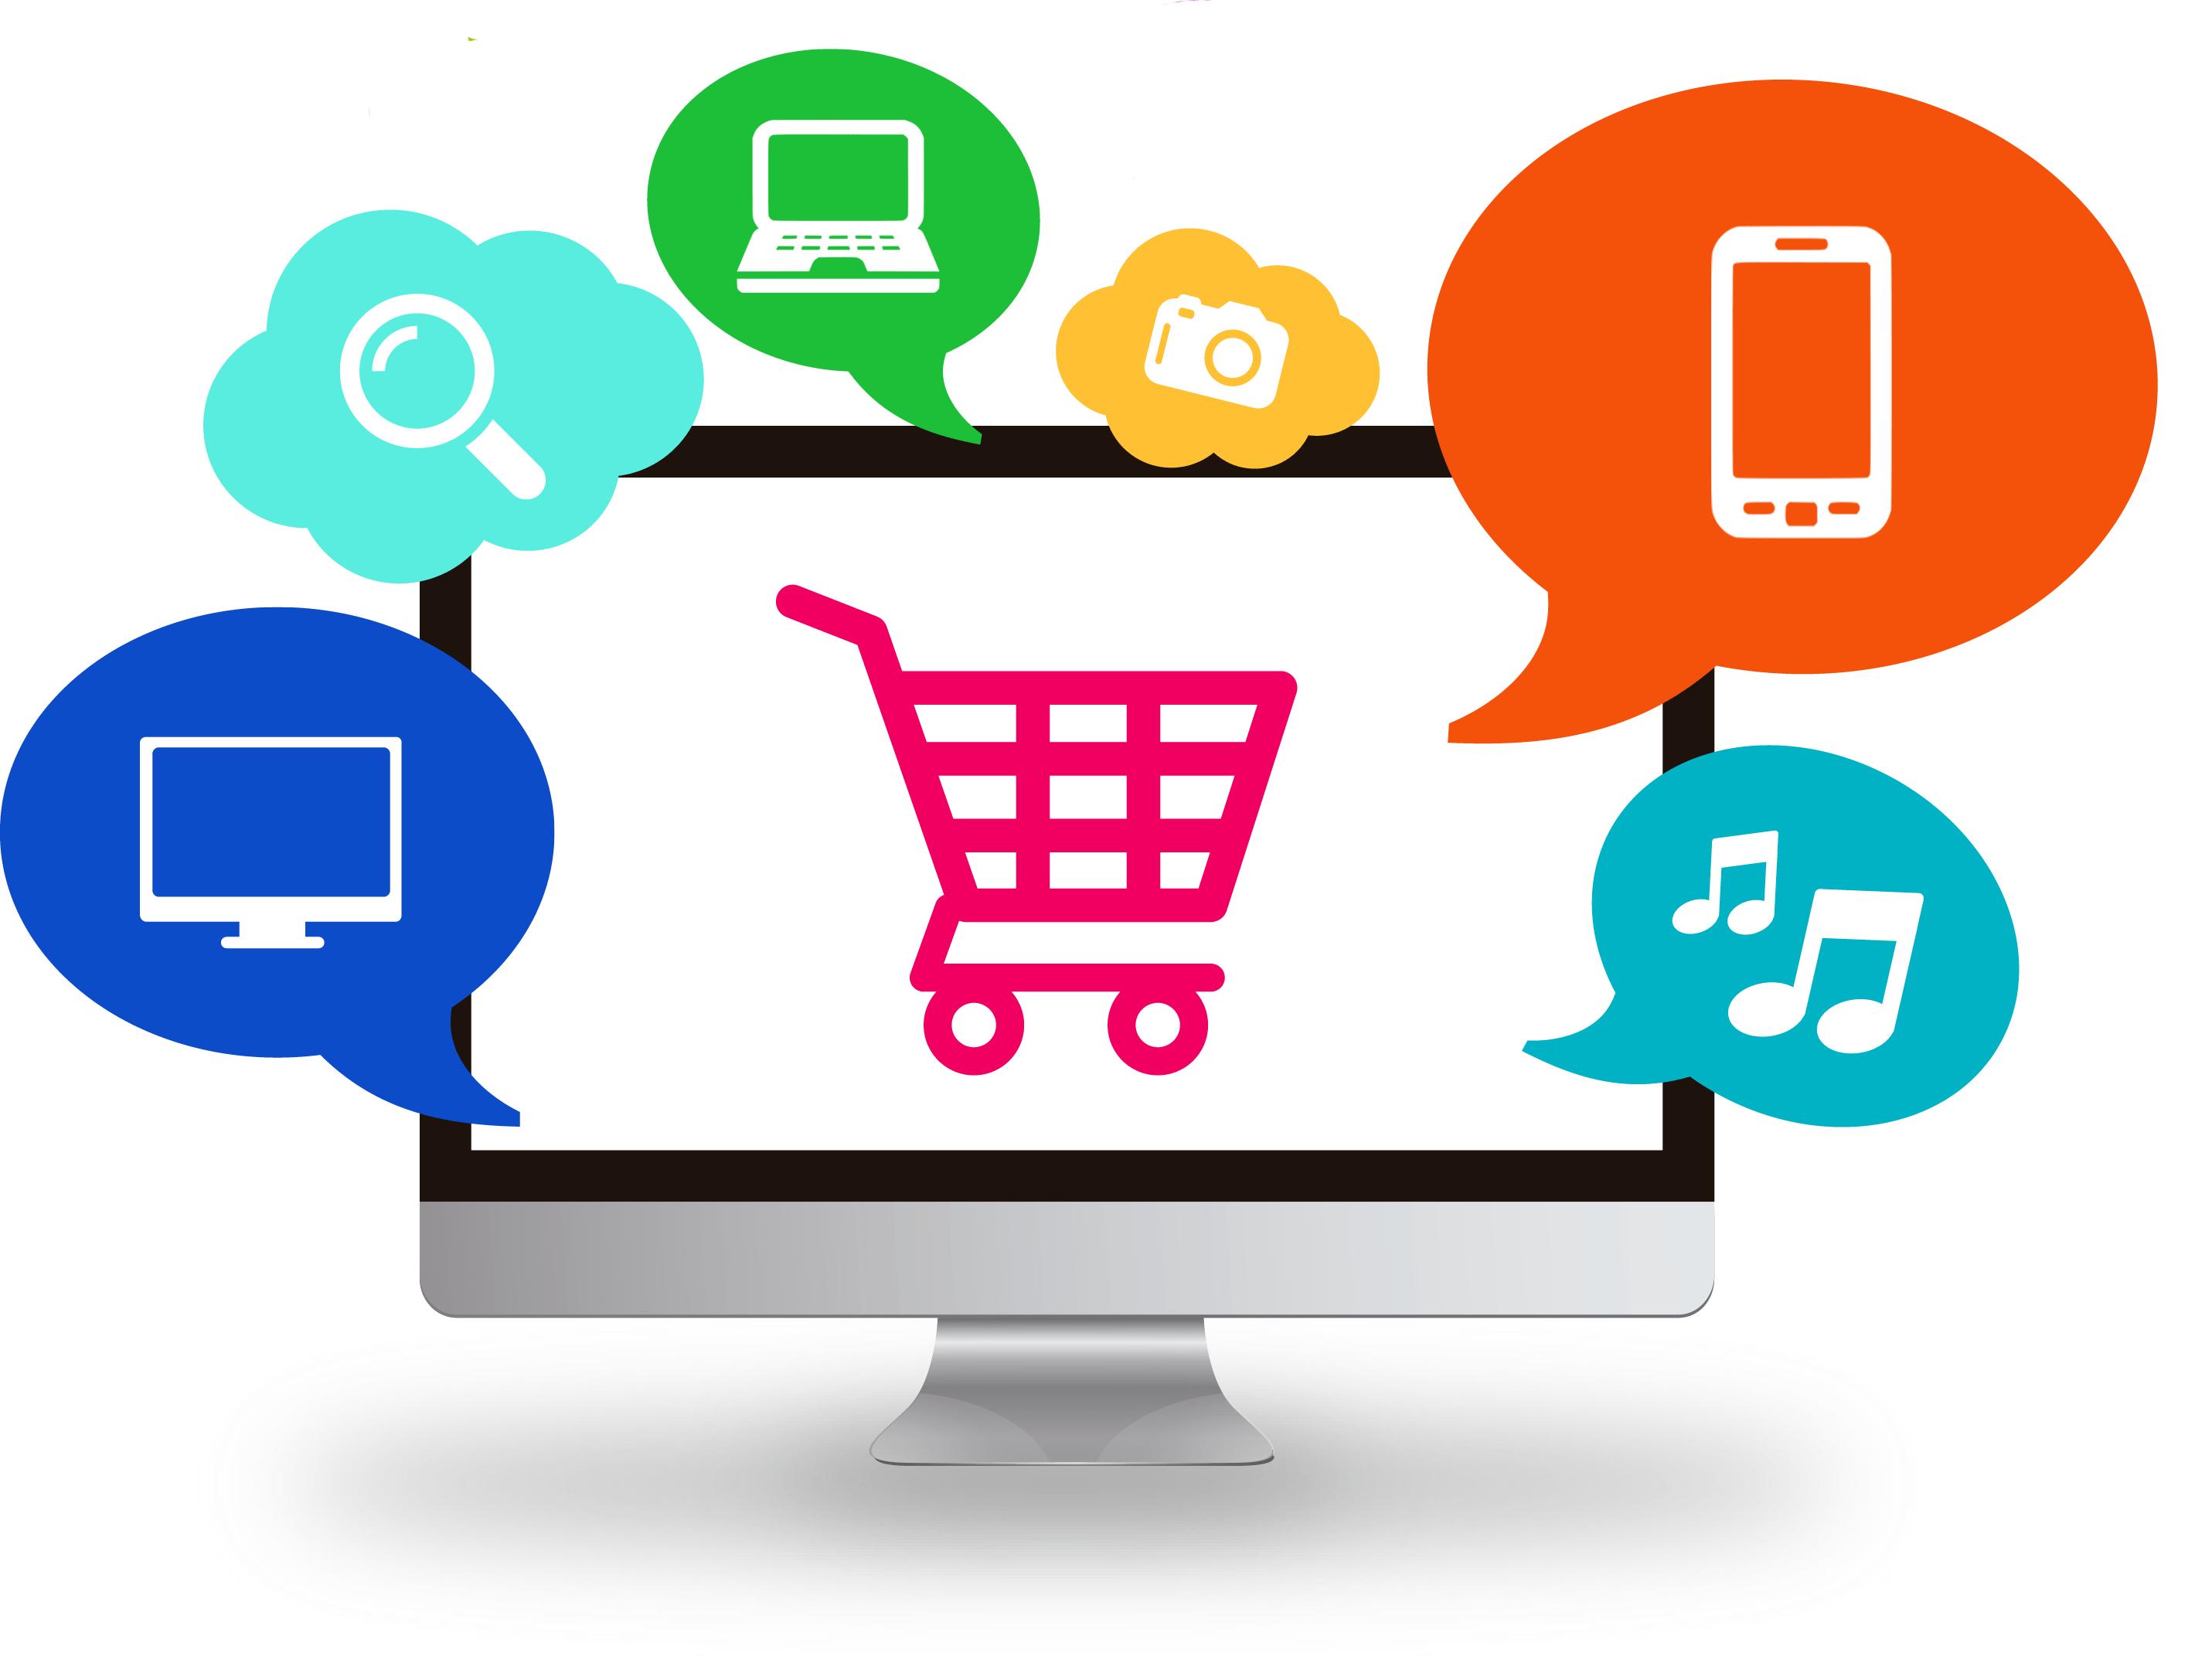 Definición del producto y servicio